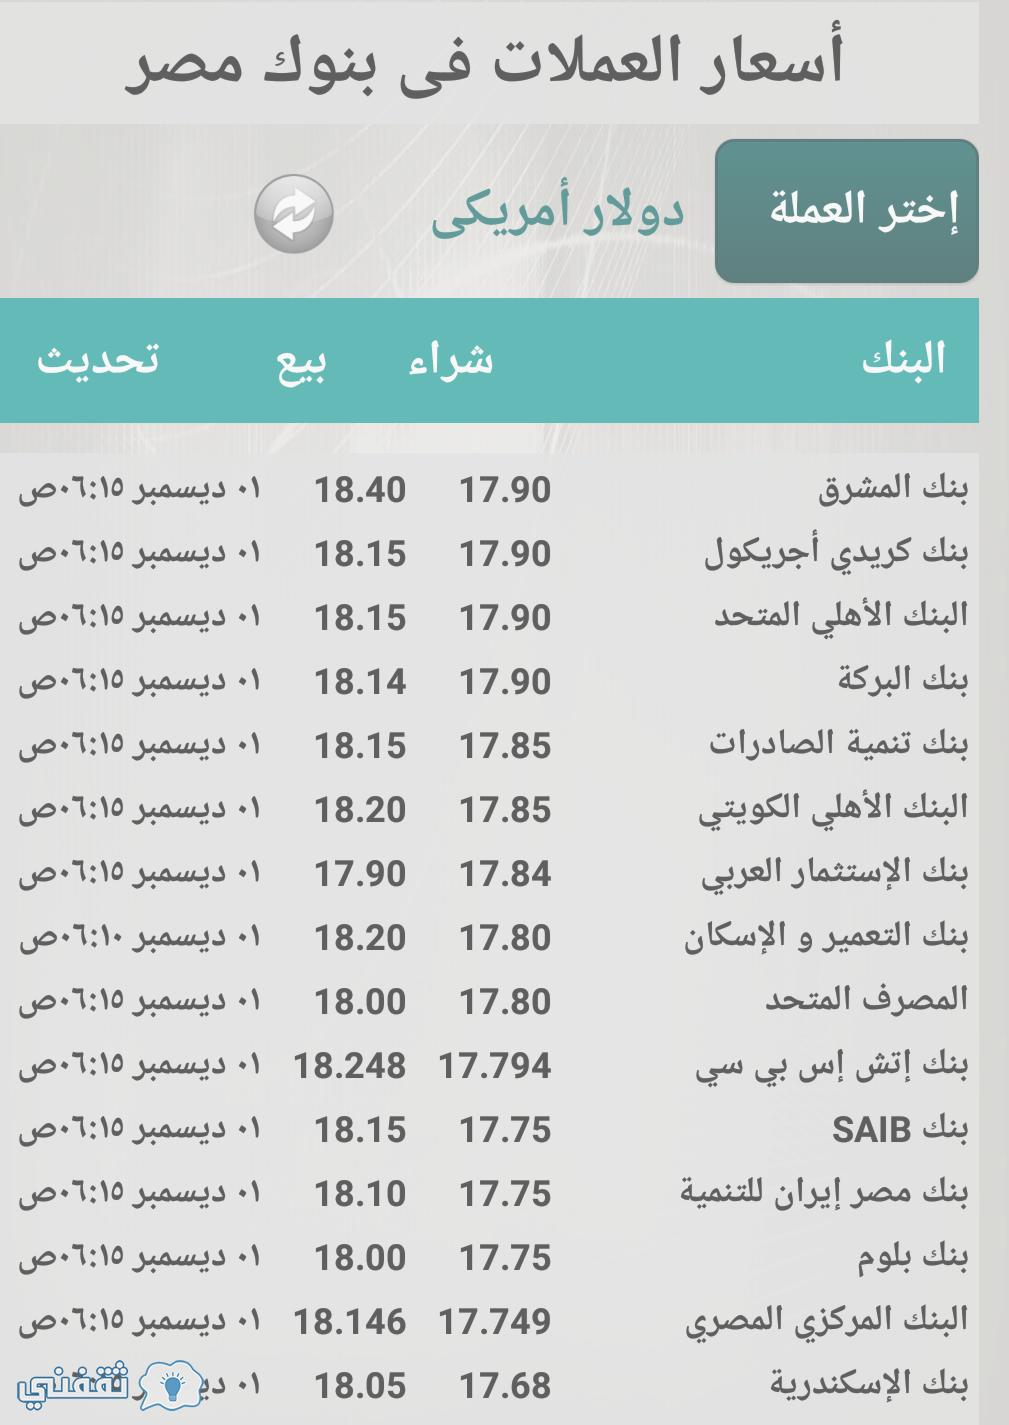 اسعار صرف الدولار لـ 27 بنك في مصر اليوم تحديث على مدار الساعة ثقفنى